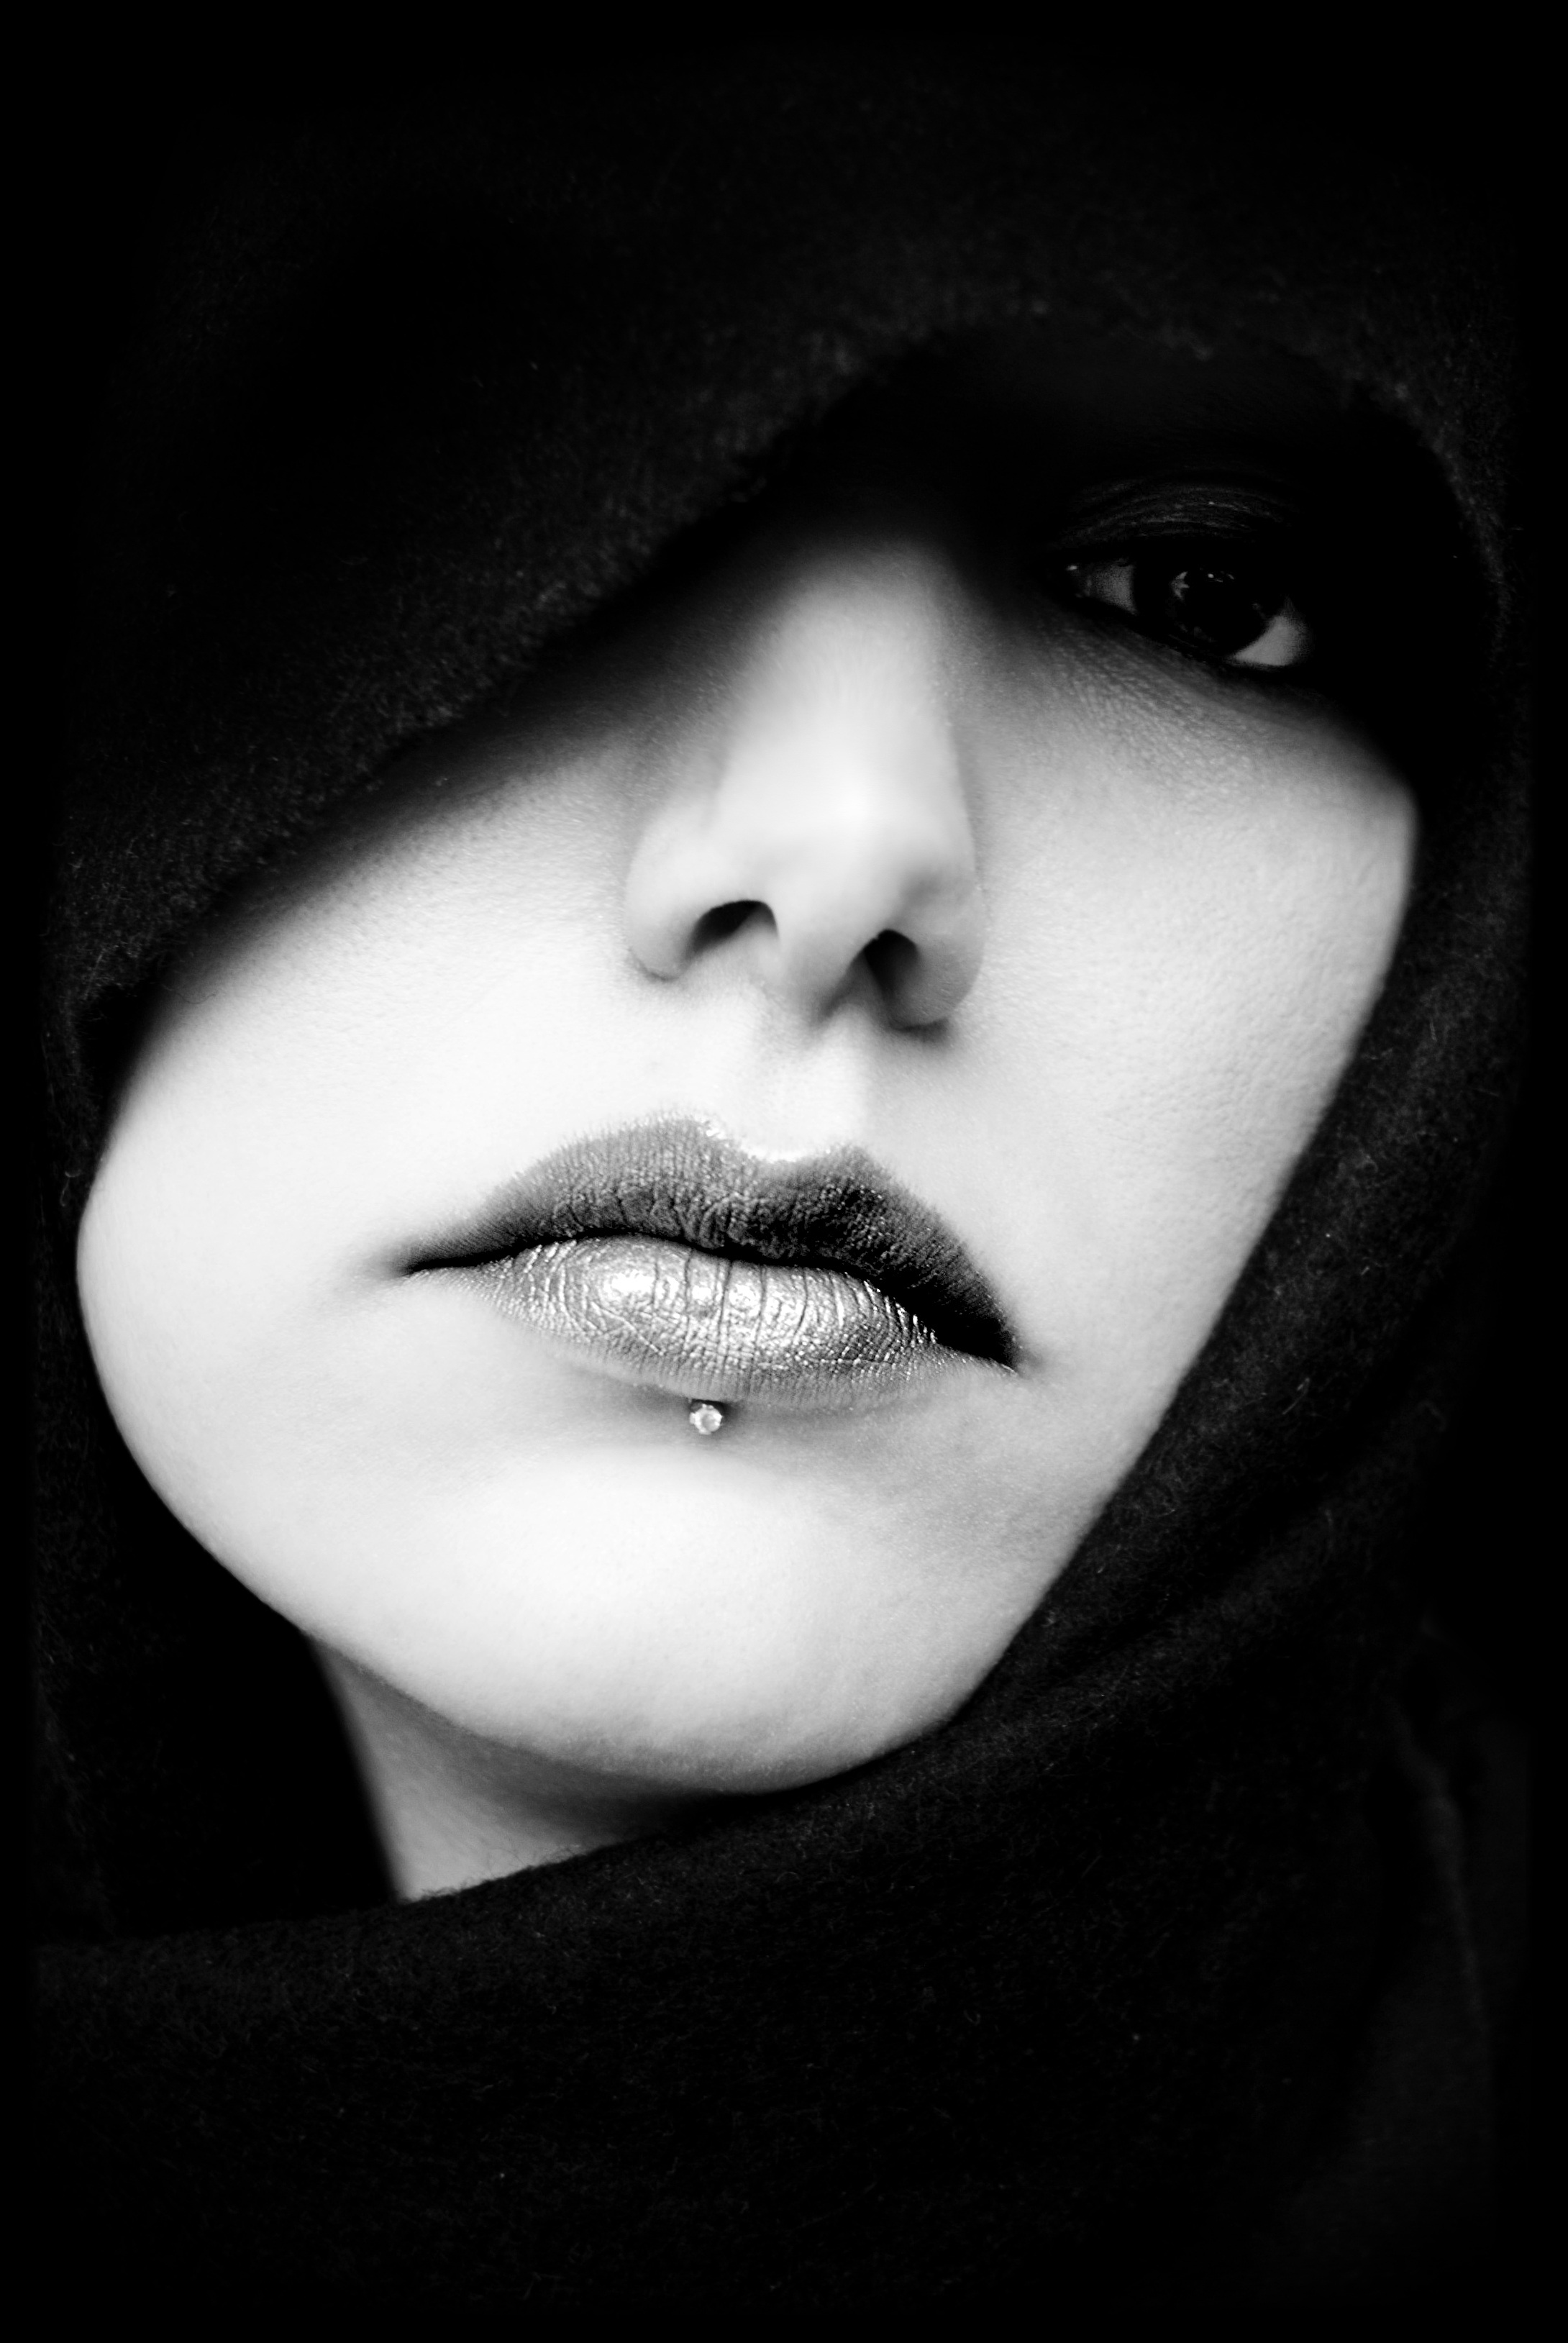 mouth-face-portrait-ms-39681.jpeg